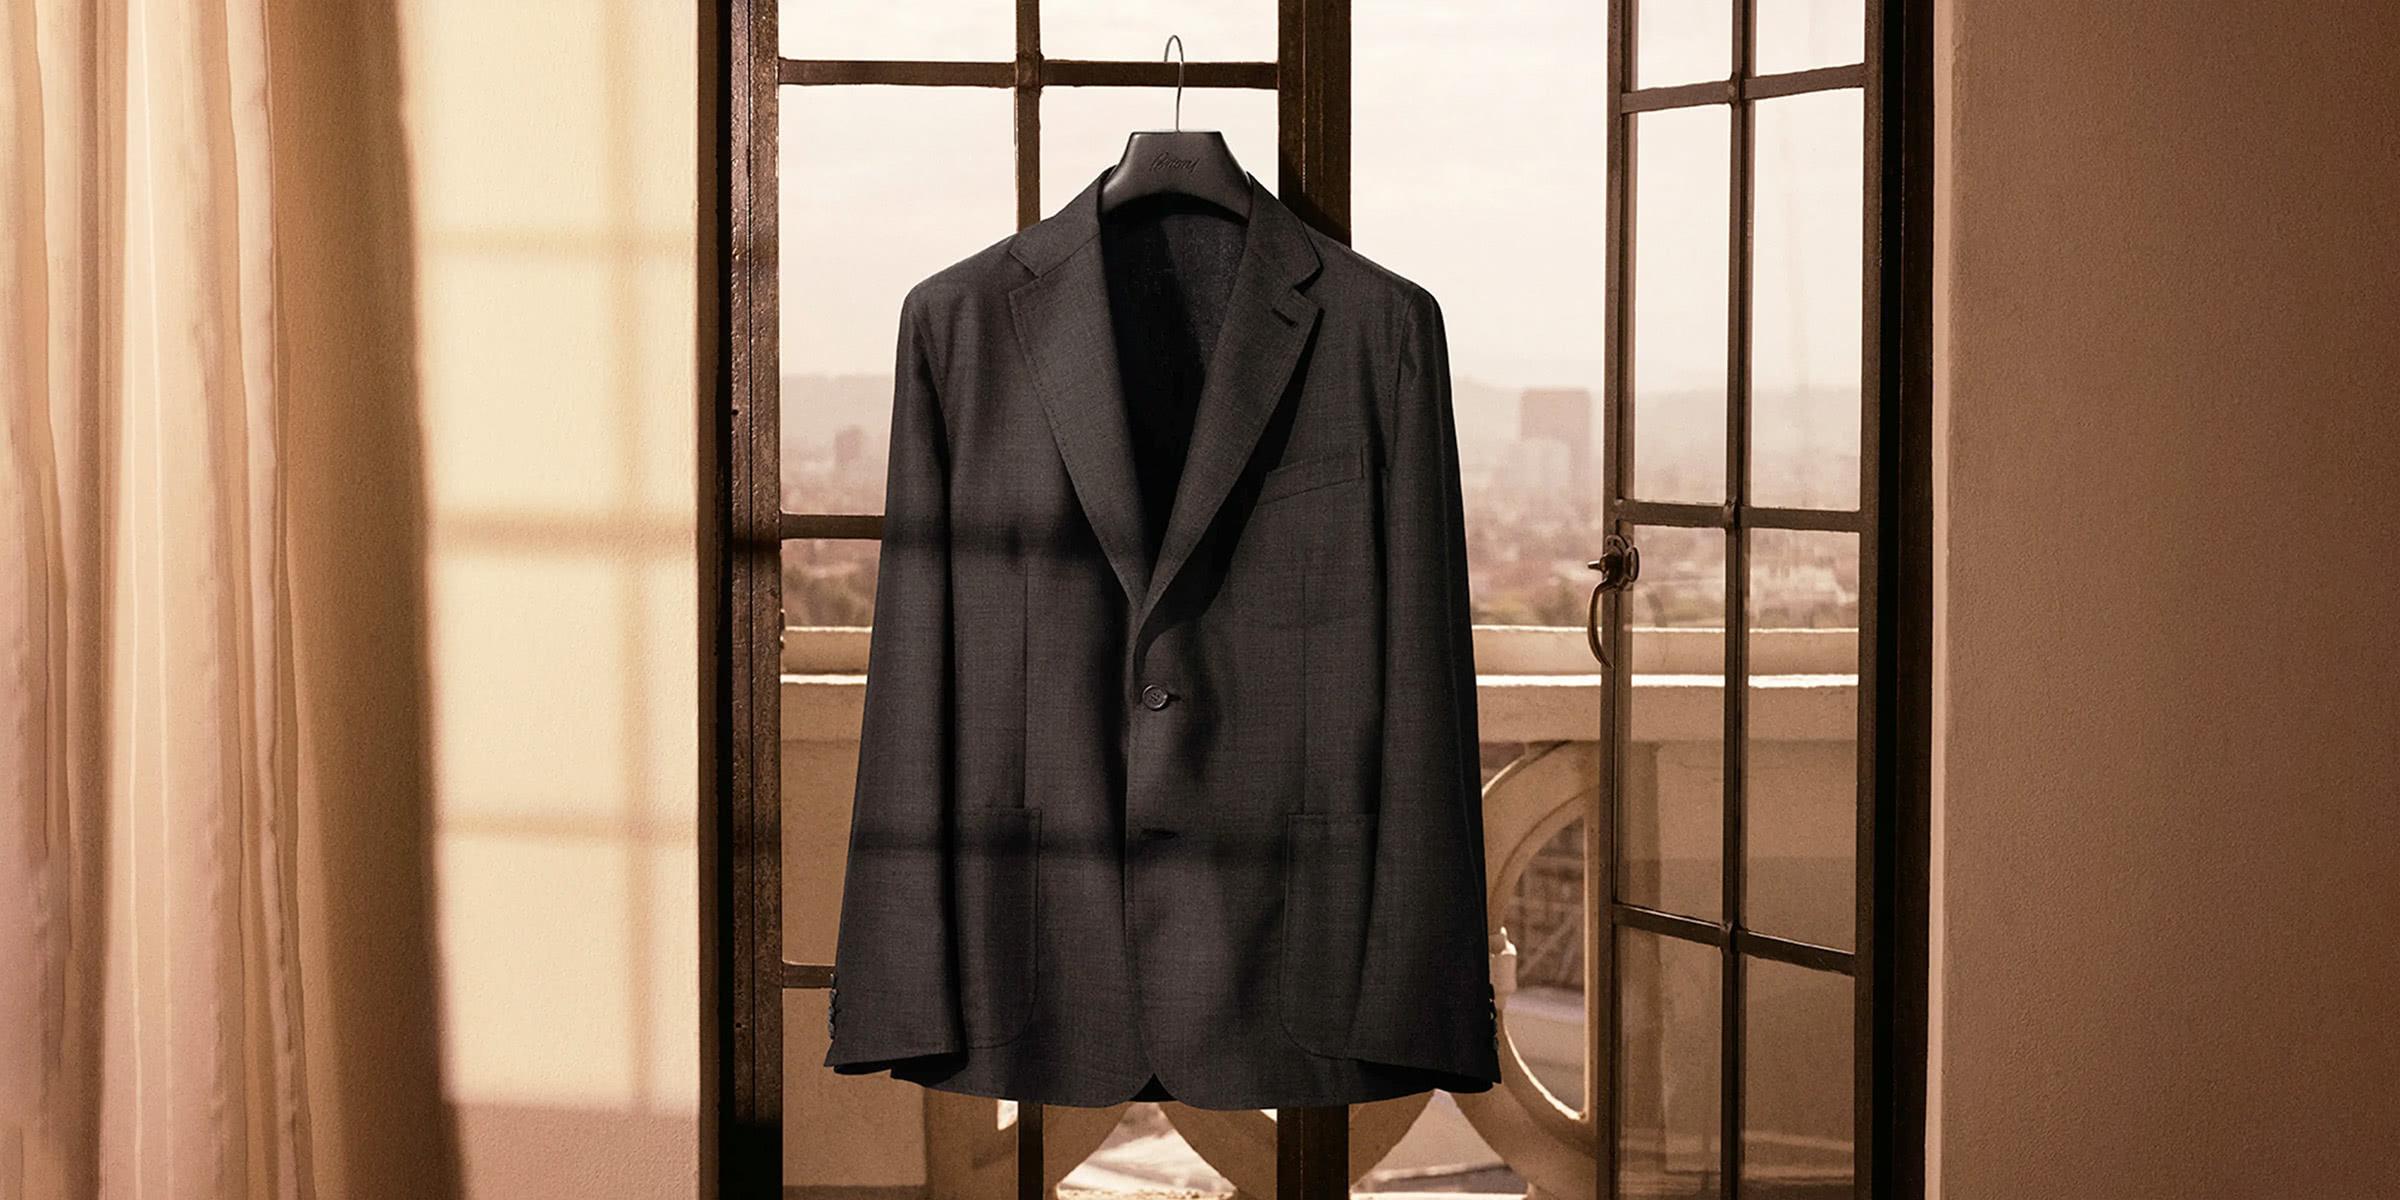 best suit brands men reviews - Luxe Digital